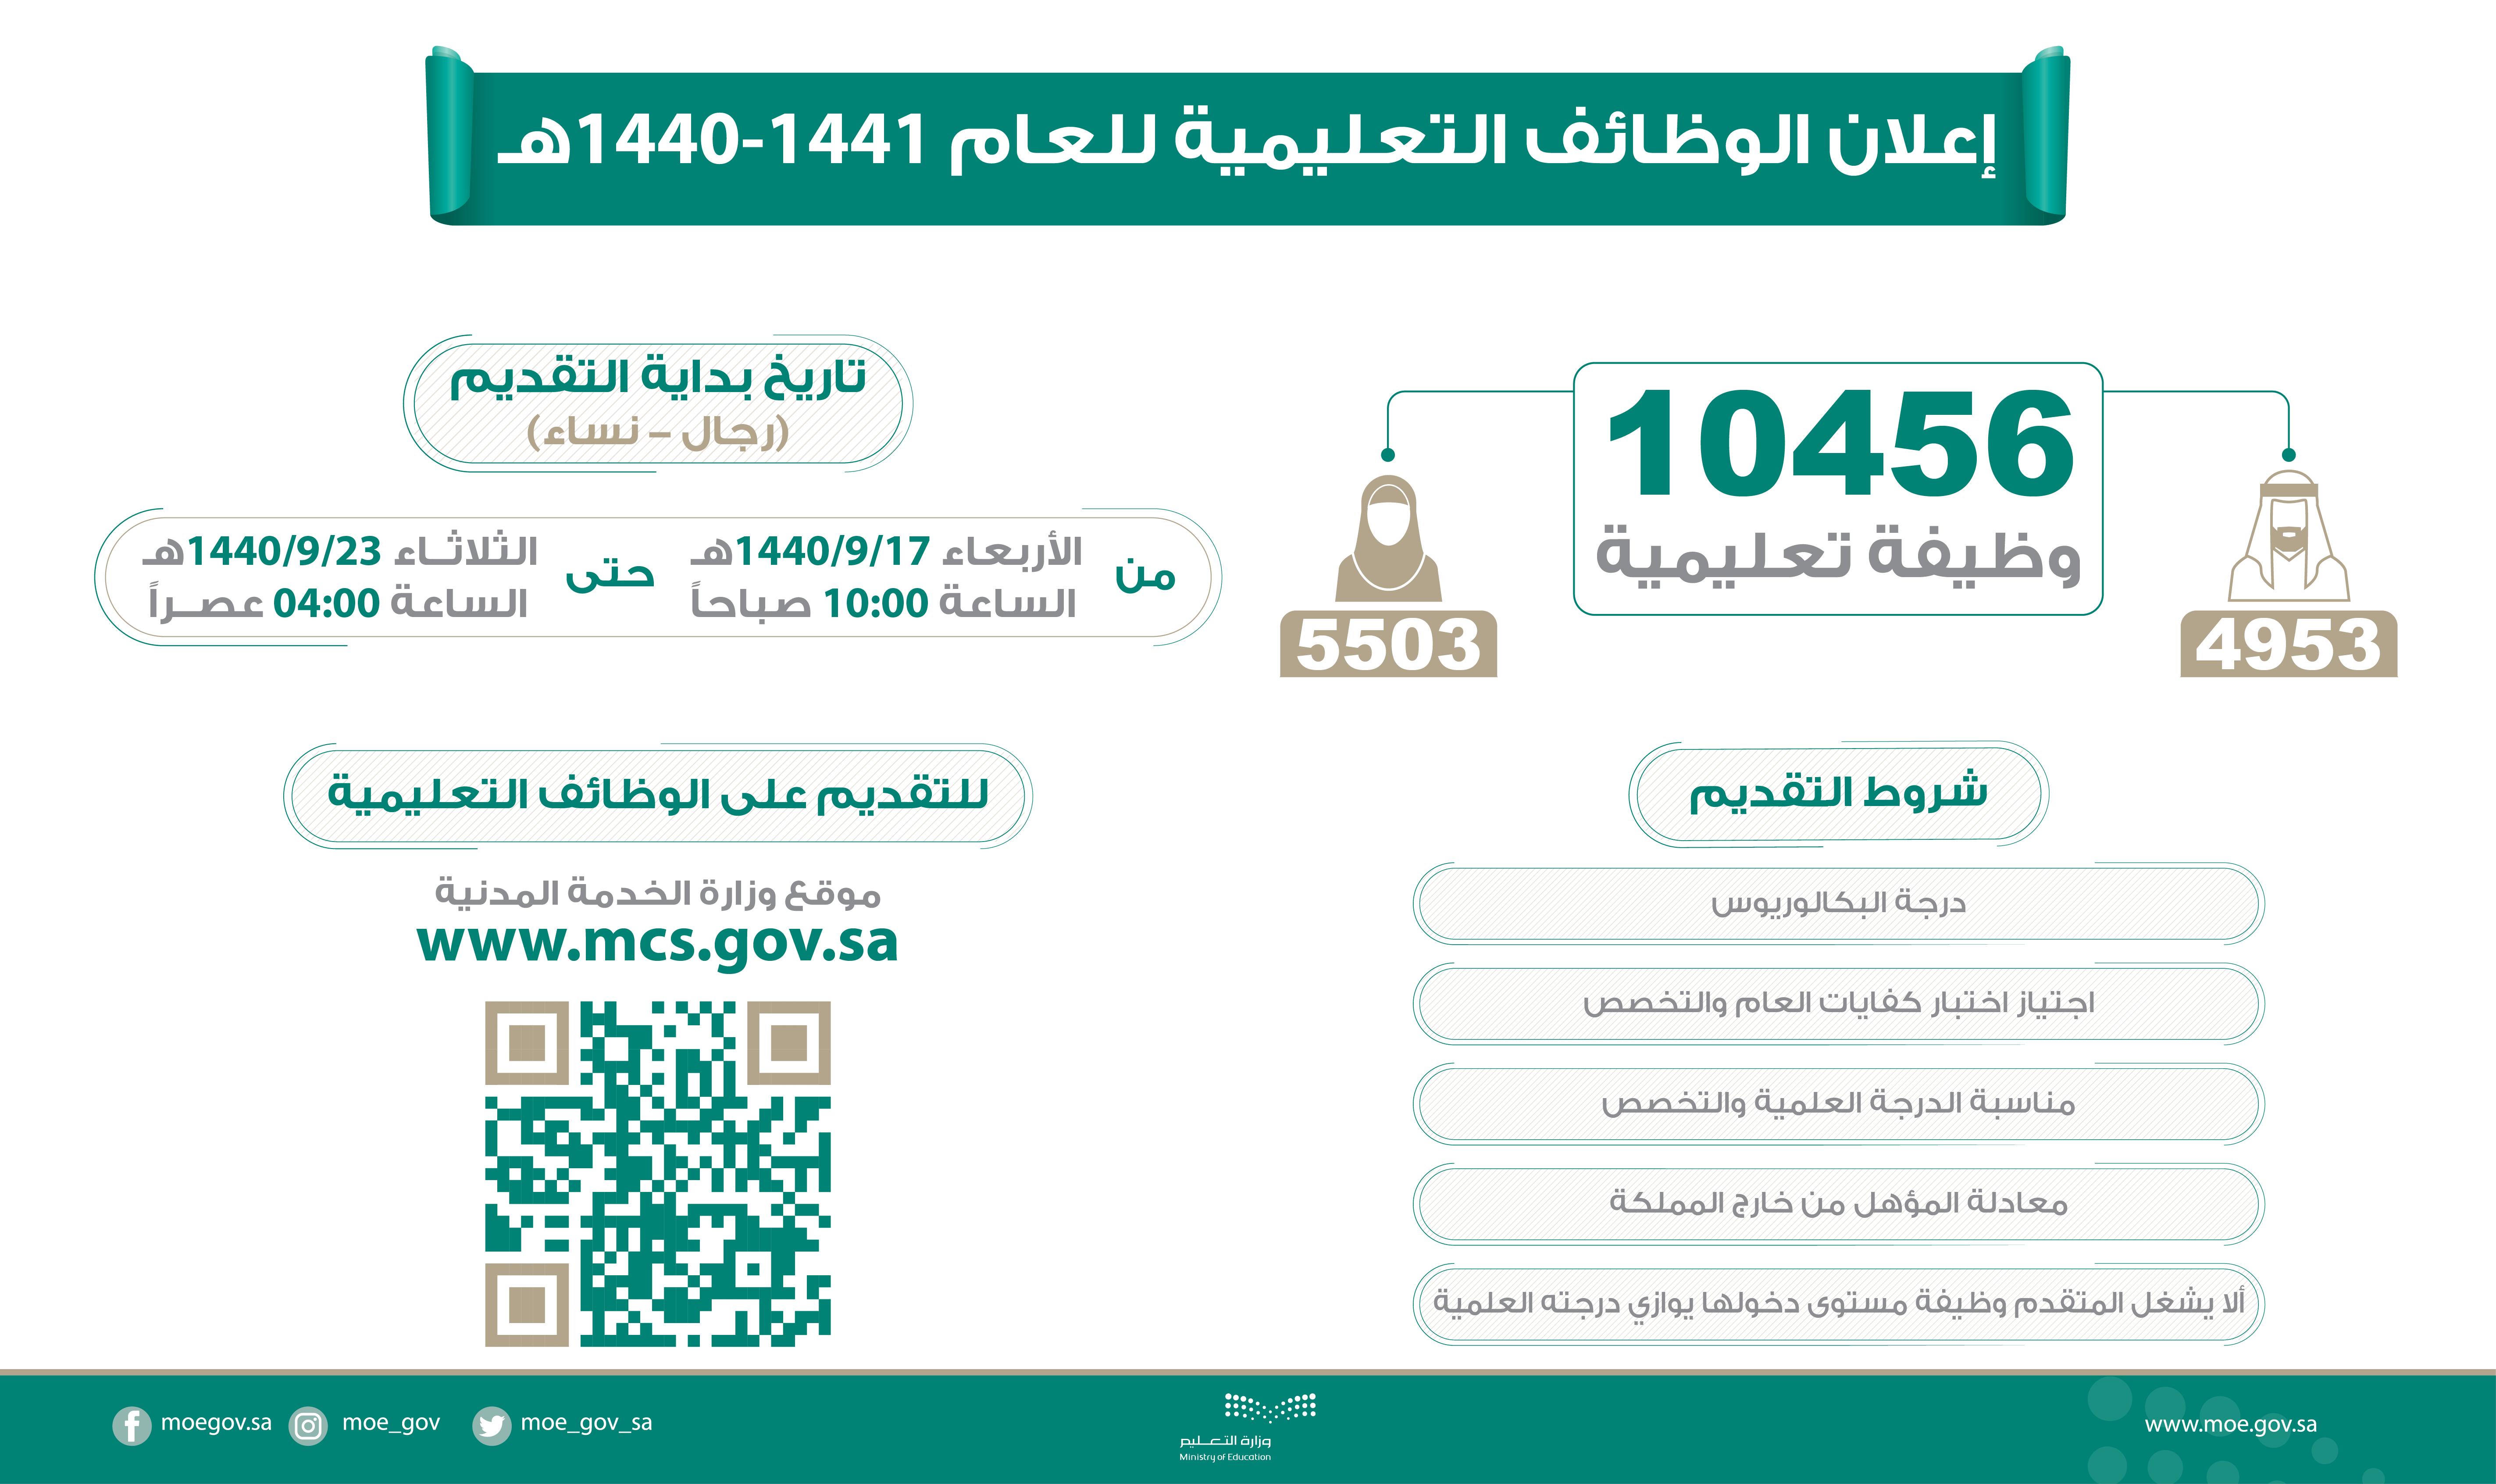 وزارة التعليم تعلن 10456 وظيفة تعليمية للجنسين للنساء والرجال في عدة مدن Ccc11